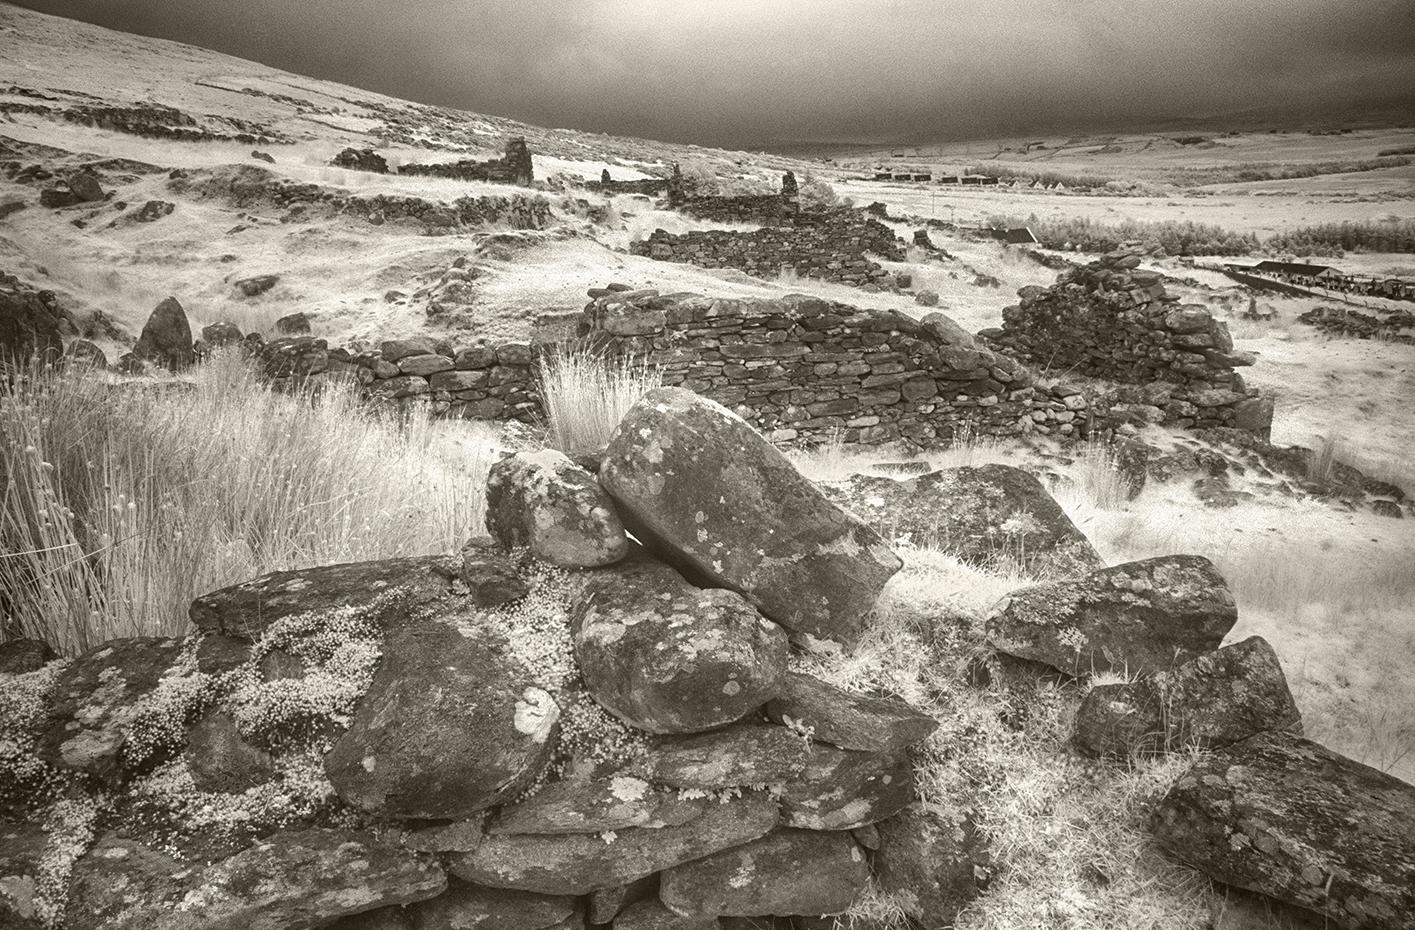 Famine Village #1, Achill